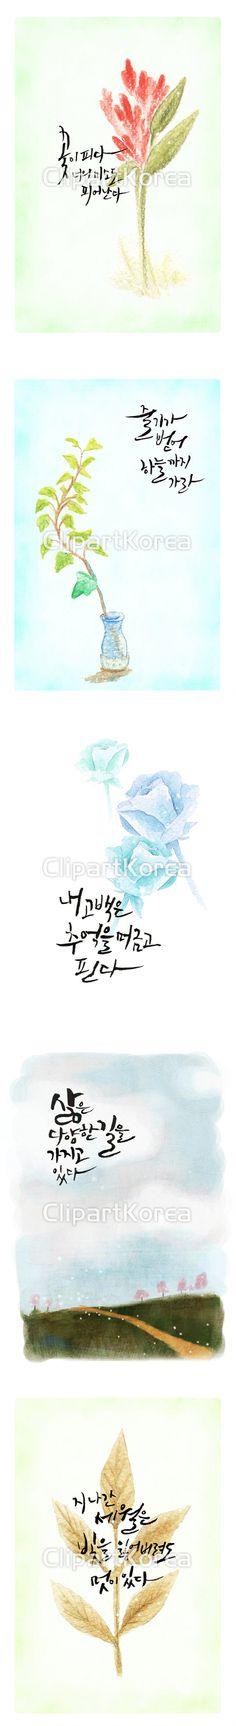 감성 그림 꽃병 백그라운드 붓글씨 손글씨 식물 일러스트 줄기 캘리그래피 파스텔 한글 길 나무 오솔길 풀밭 파랑색 사랑 장미 프로포즈 Emotion Picture Flower vase Background Calligraphic Handwriting Plant Illustration Illust Stem Calligraphy Pastel Painter Hangul Road Wood Alley Meadow Blue Love Rose Propose 클립아트코리아 이미지투데이 통로이미지 clipartkorea imagetoday tongroimages K Calligraphy, Korean Language, Flourish, Paint Colors, Watercolor Paintings, Graffiti, Banner, Typography, Clip Art